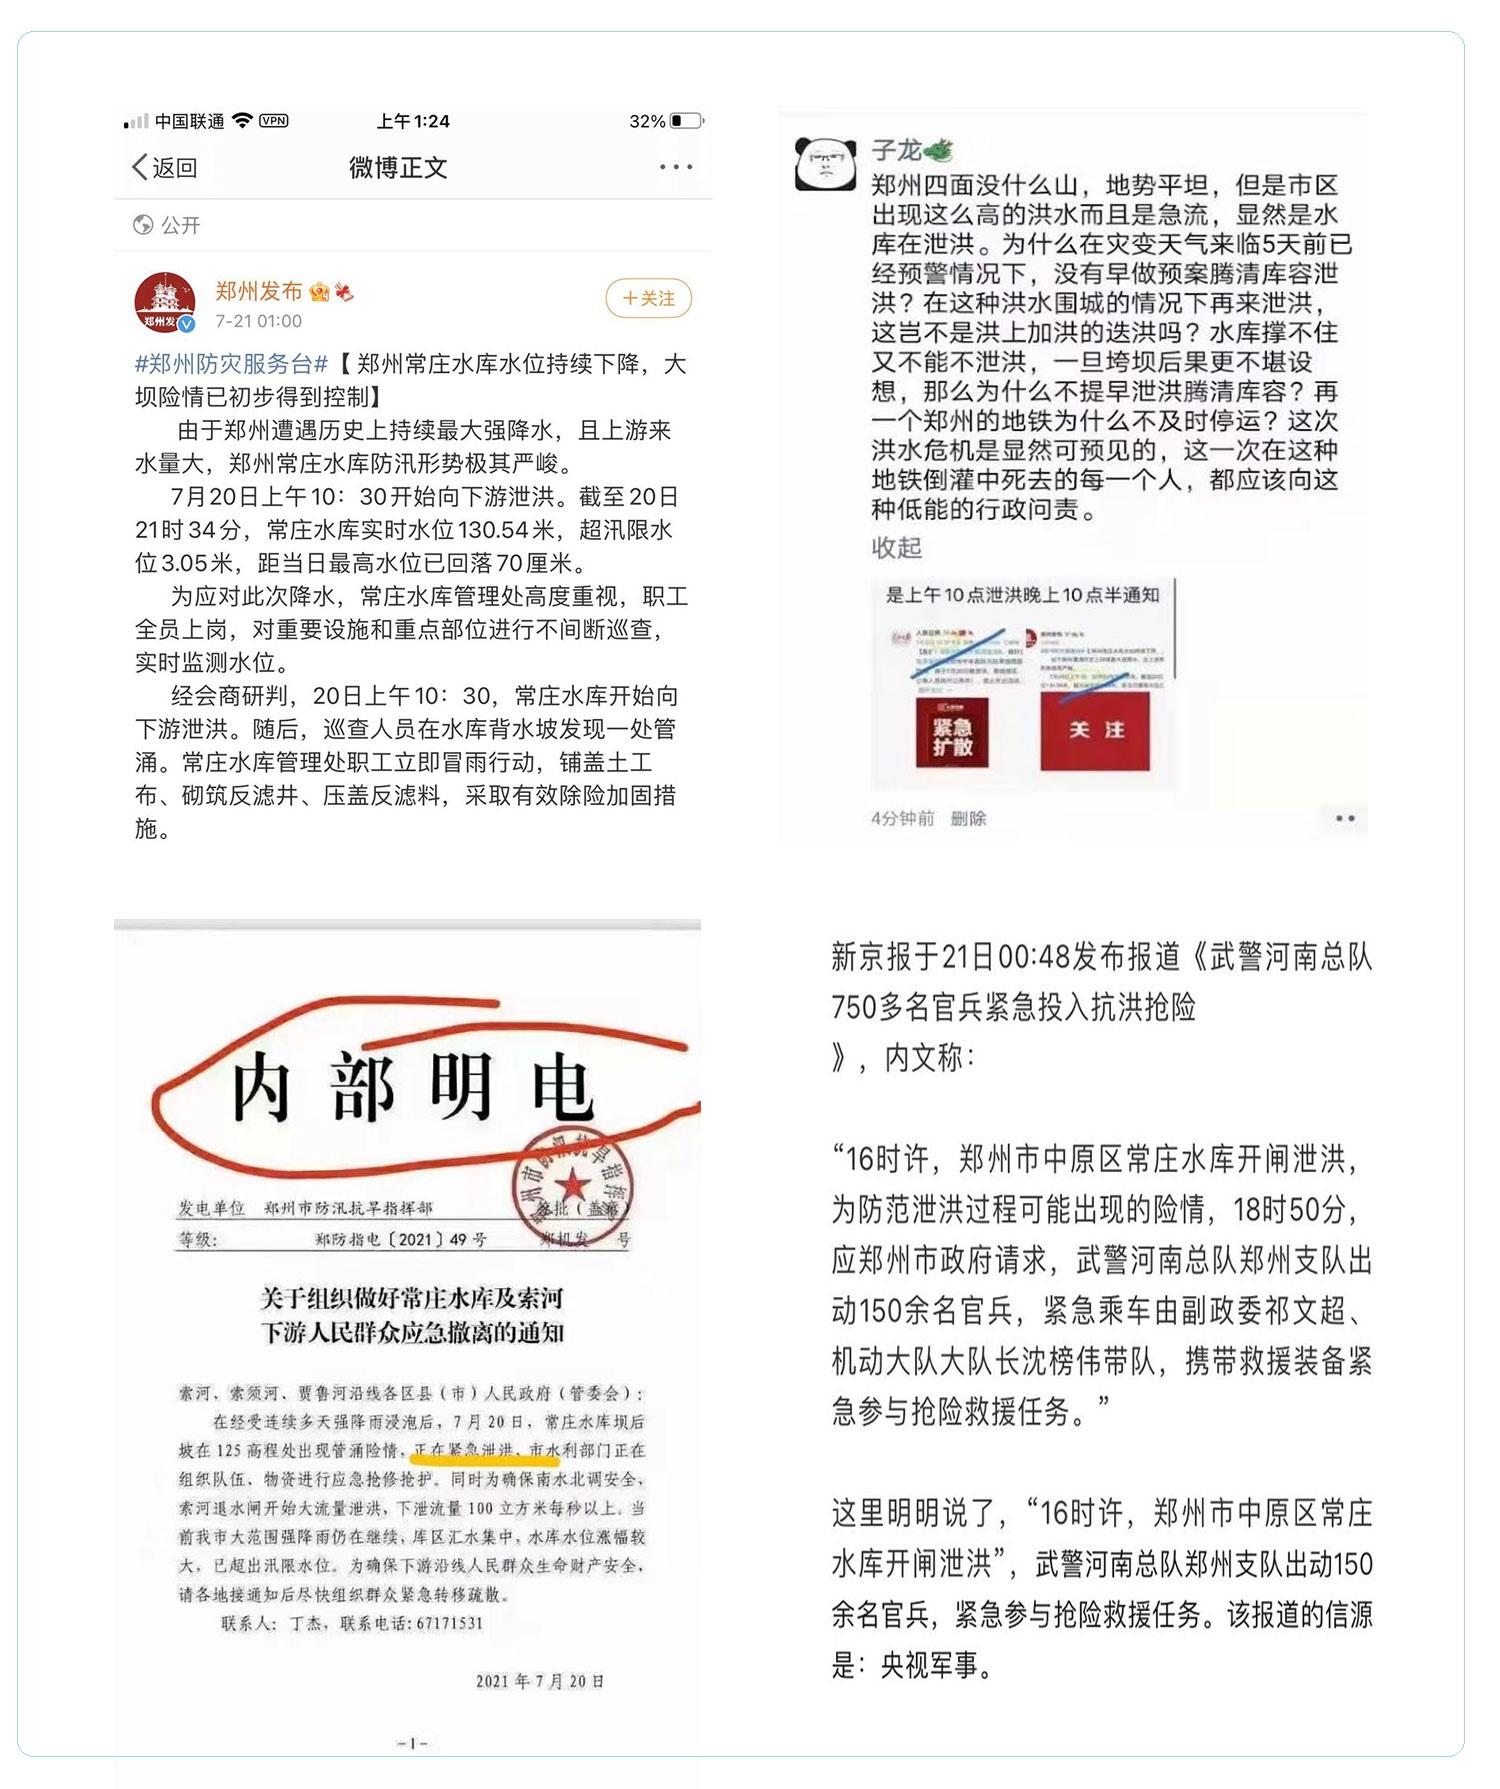 水库泄洪14小时未发预警 民众质疑郑州洪灾是人祸